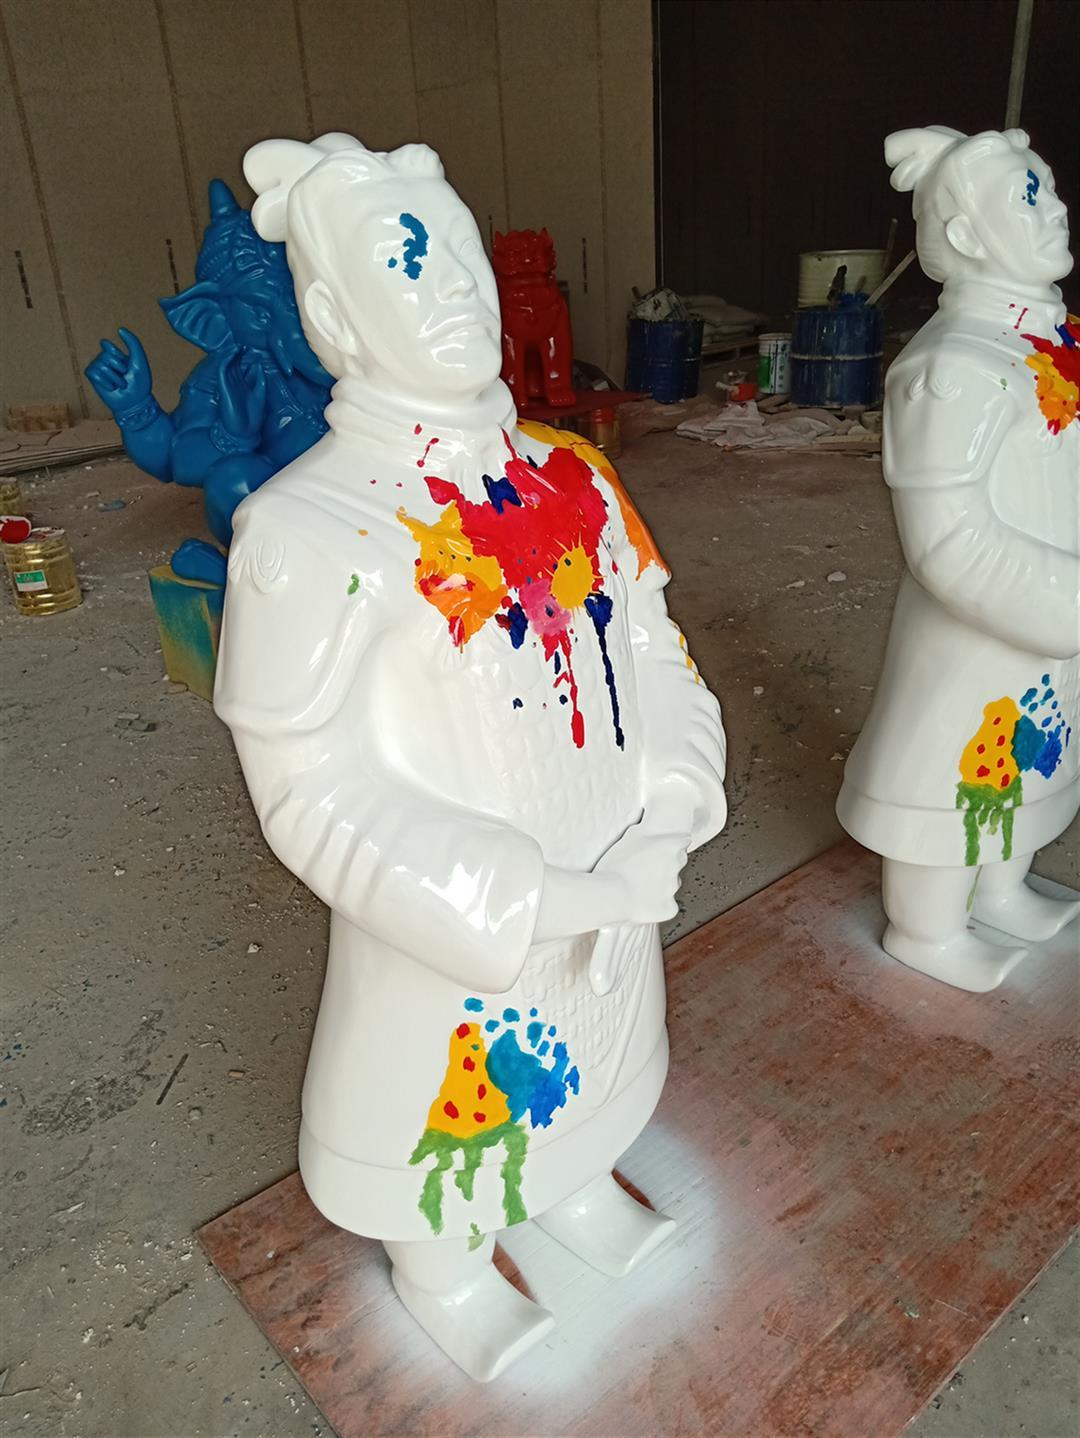 大连卡通雕塑定制 主题卡通雕塑 值得信赖 芒果雕塑